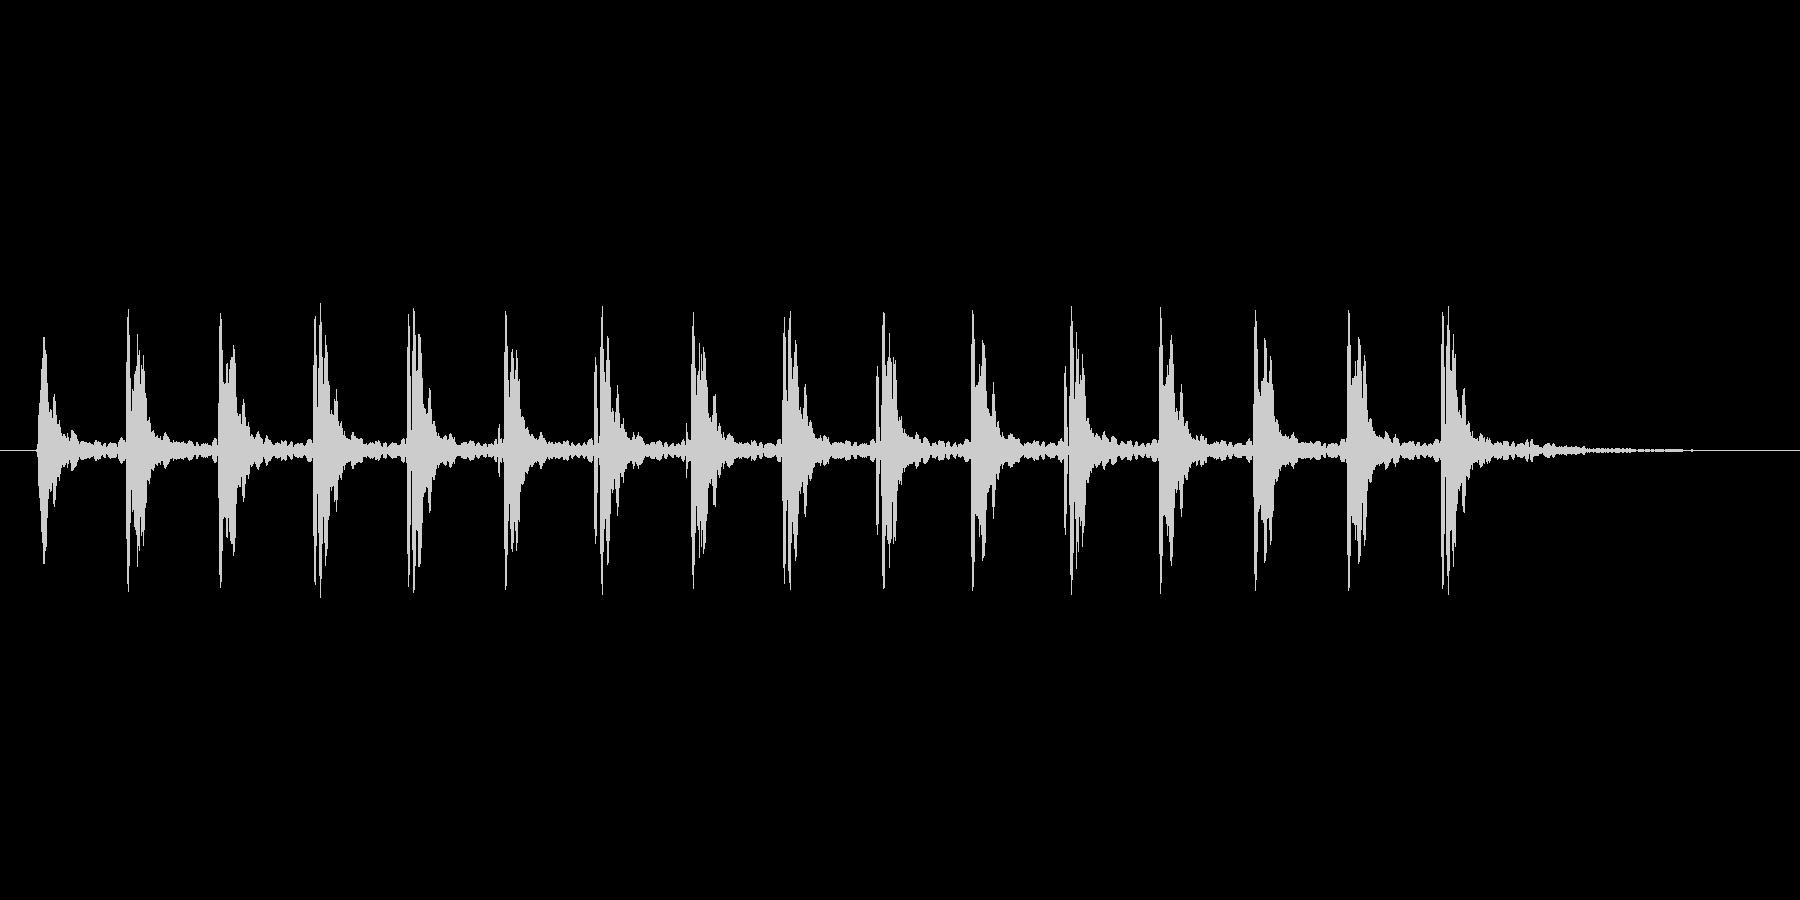 カタカタと震えるコミカル系の効果音の未再生の波形